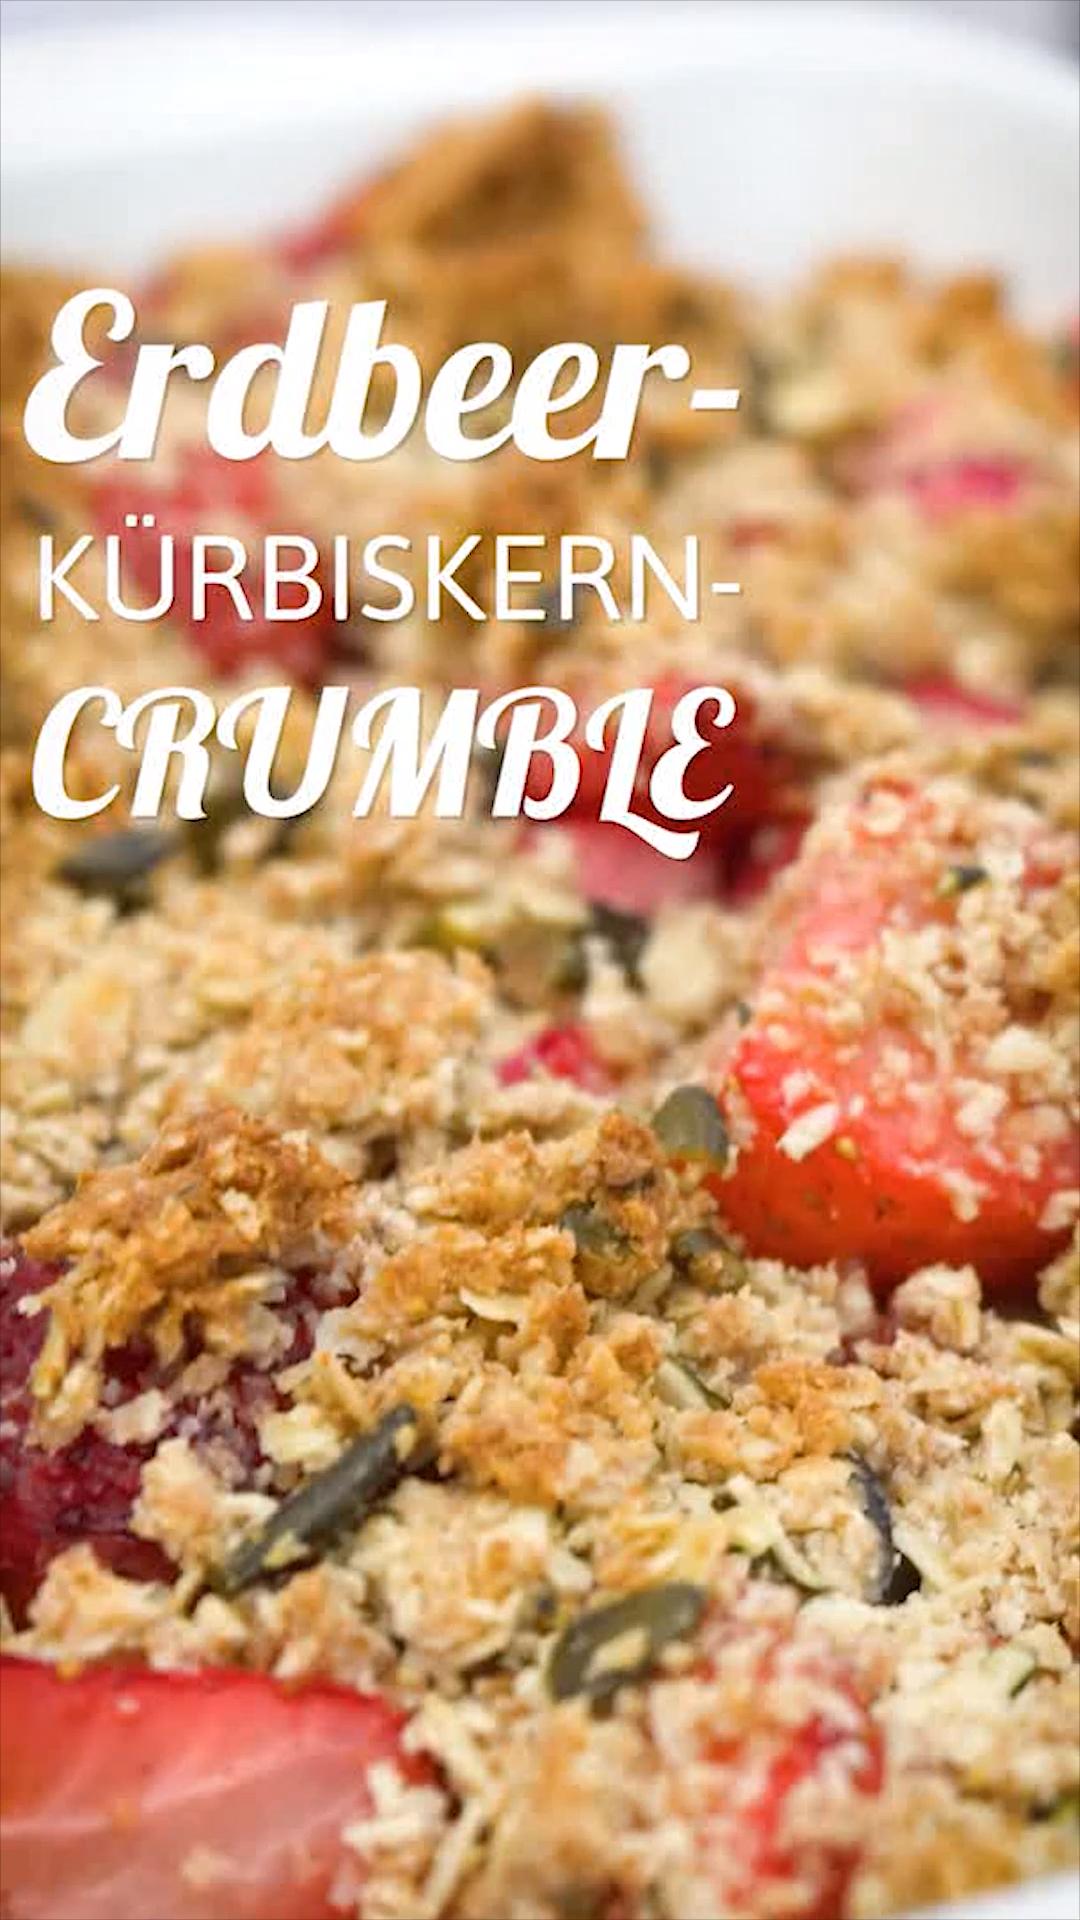 Erdbeer-Kürbiskern-Crumble #pumpkinseedsrecipebaked